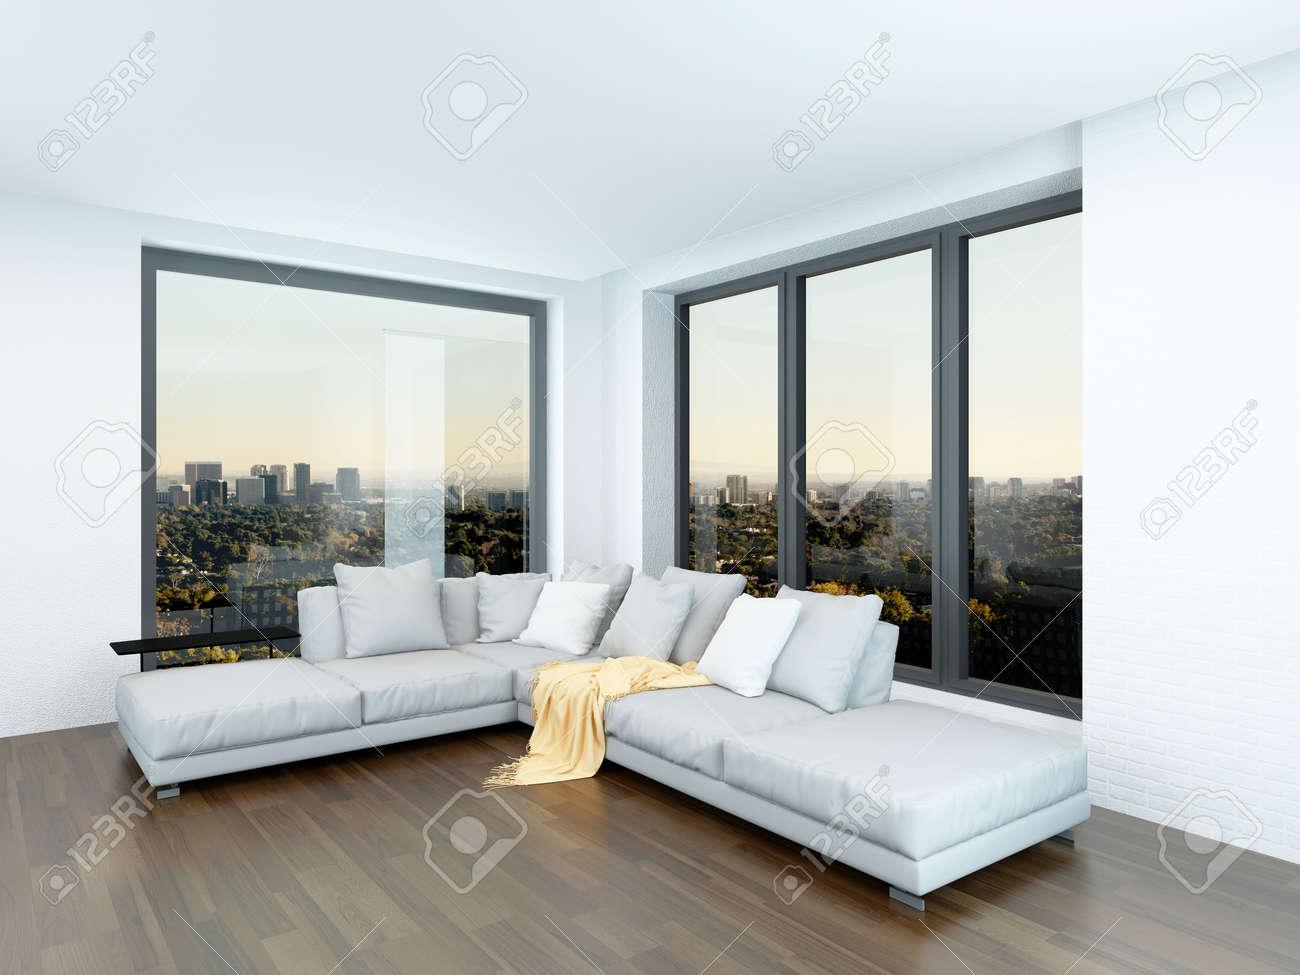 Moderne Minimalistische Wohnzimmer Innenraum Mit Einer Sitzecke Vor Zwei View Fenster Auf Blanken Parkett